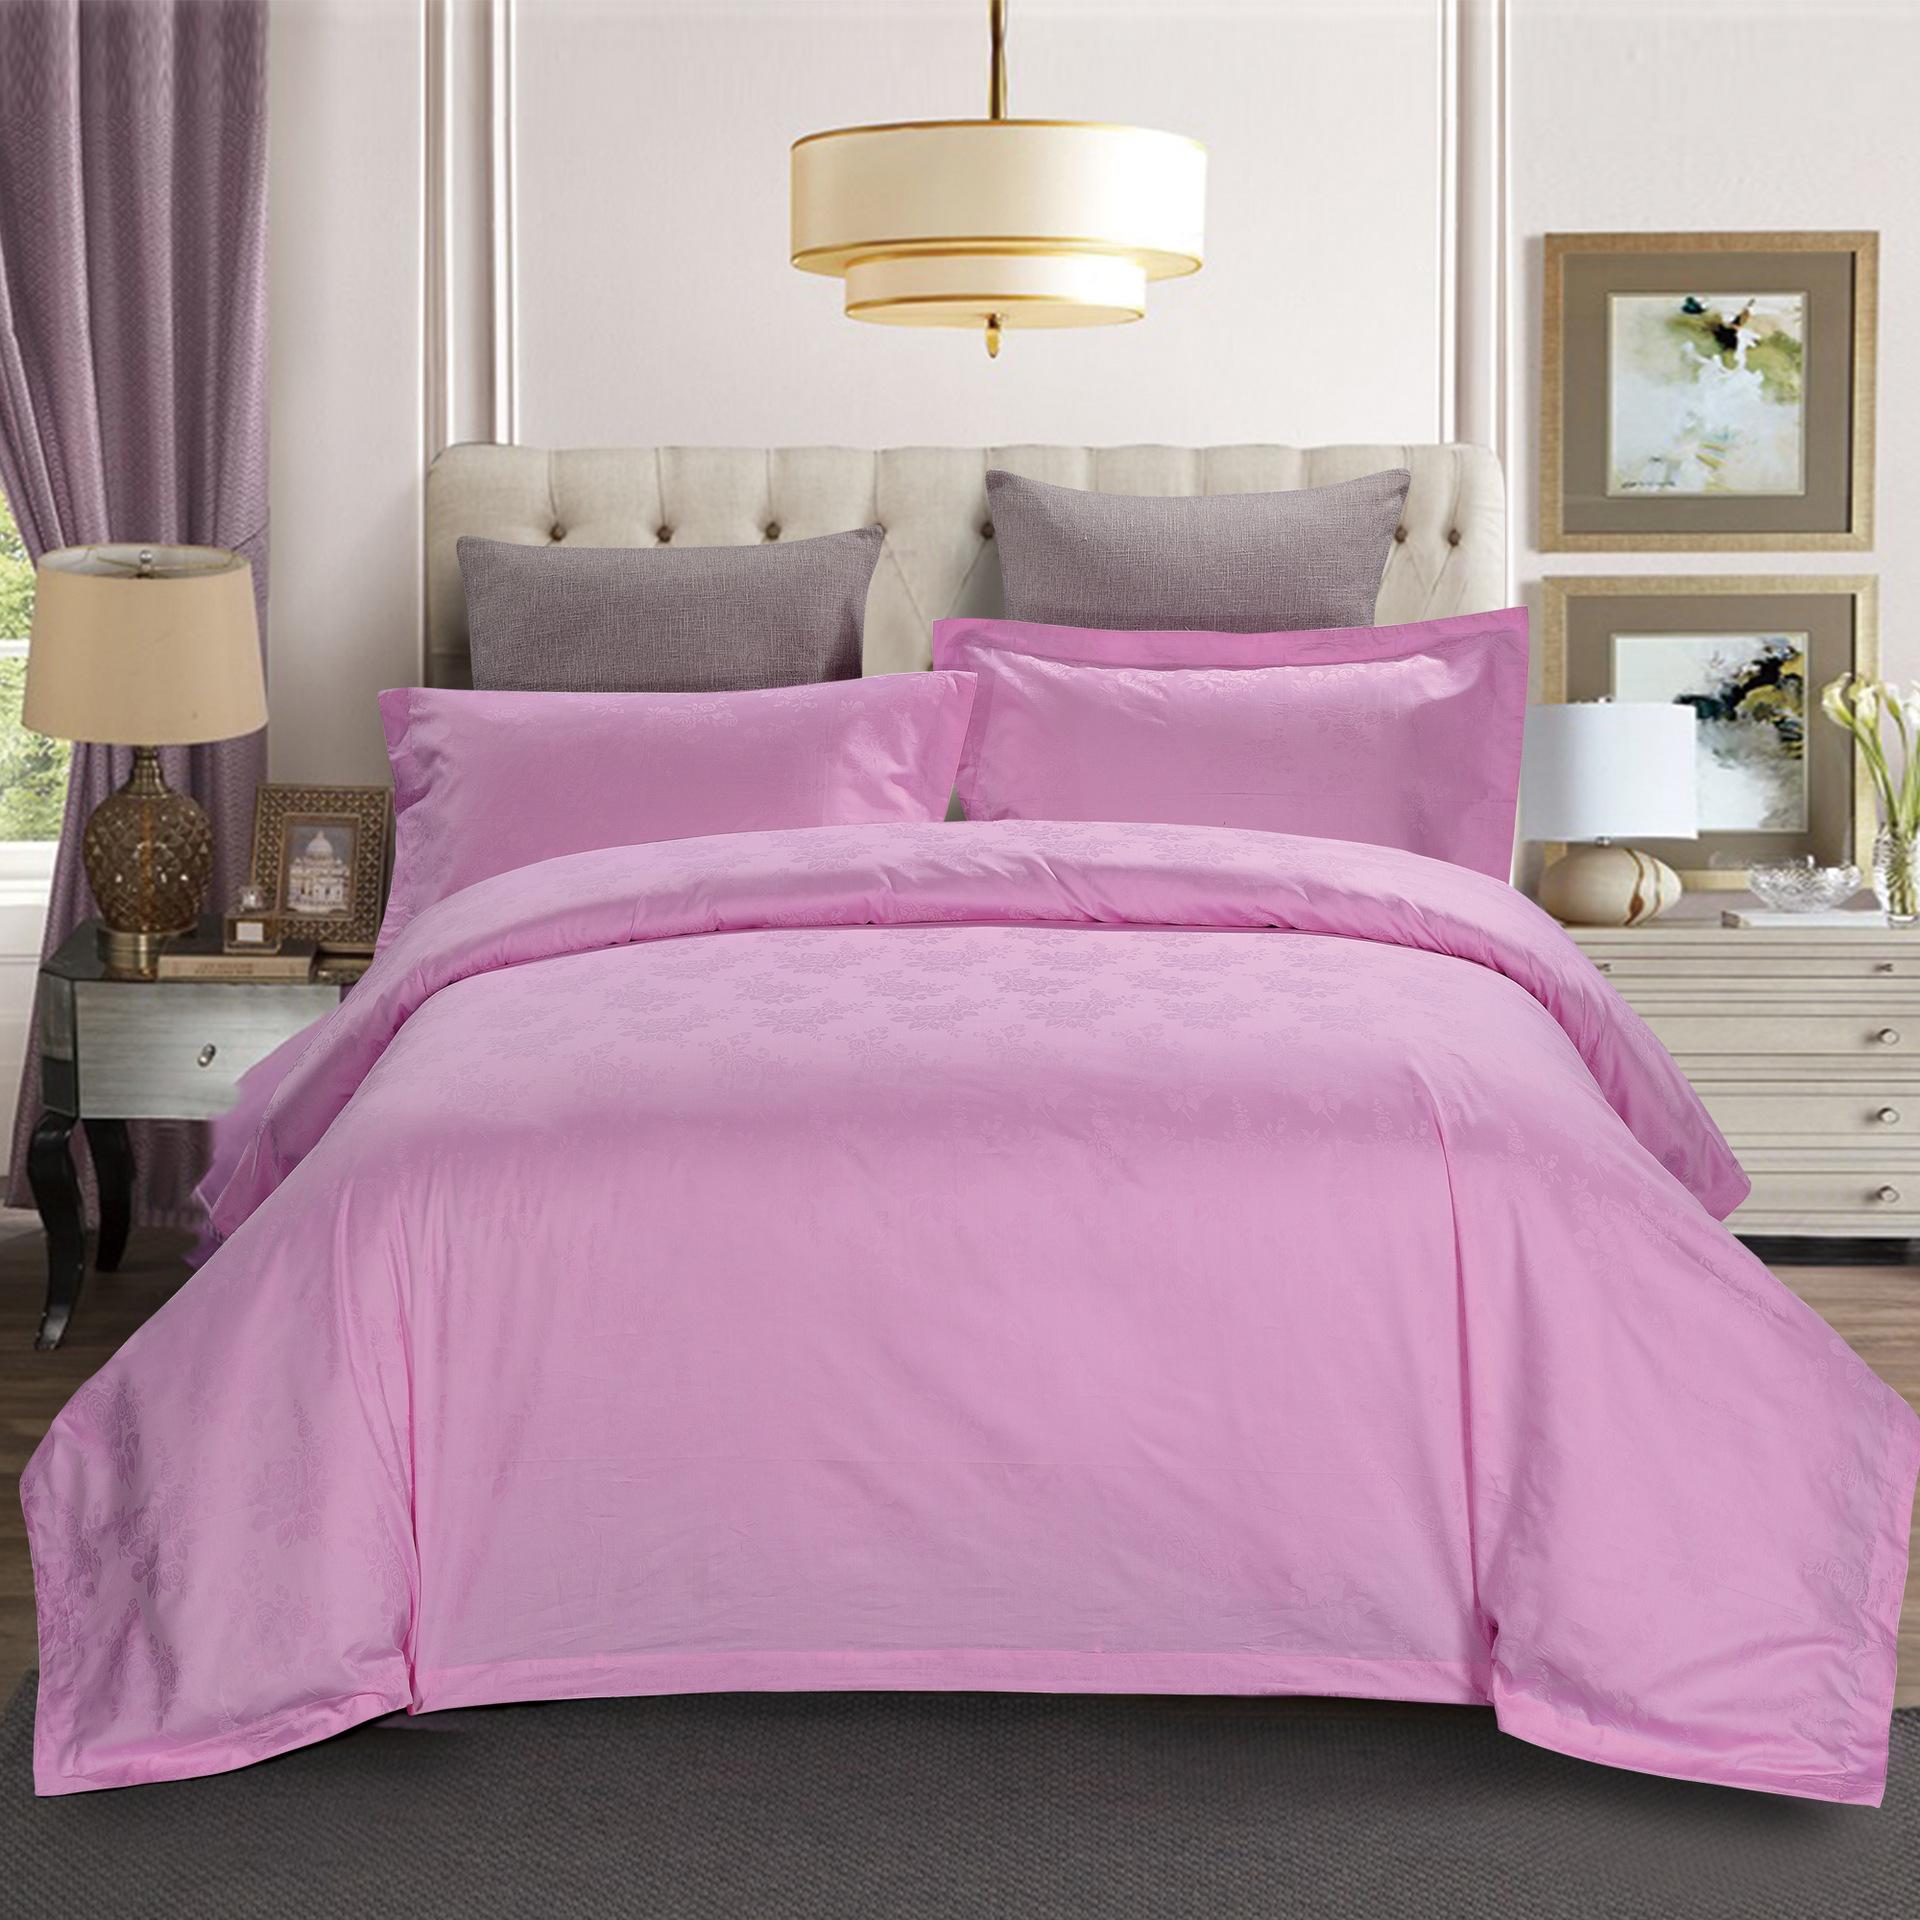 君芝友酒店用品賓館酒店床上用品四件套全棉純色貢緞4件套床單被套床品JZY-0007